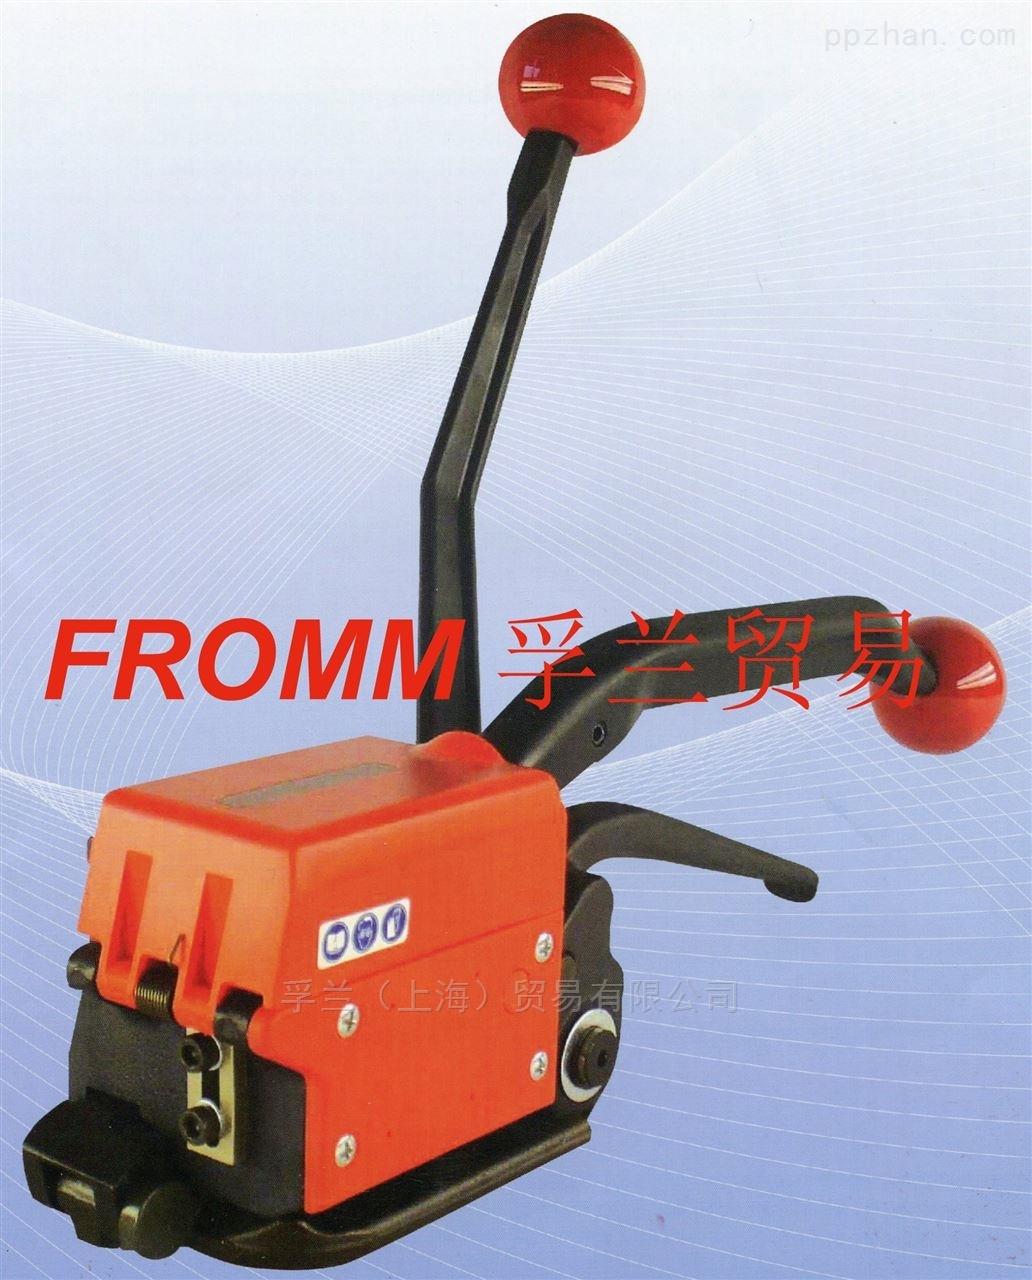 Dynamic2000手动钢带打包机 FROMM 孚兰